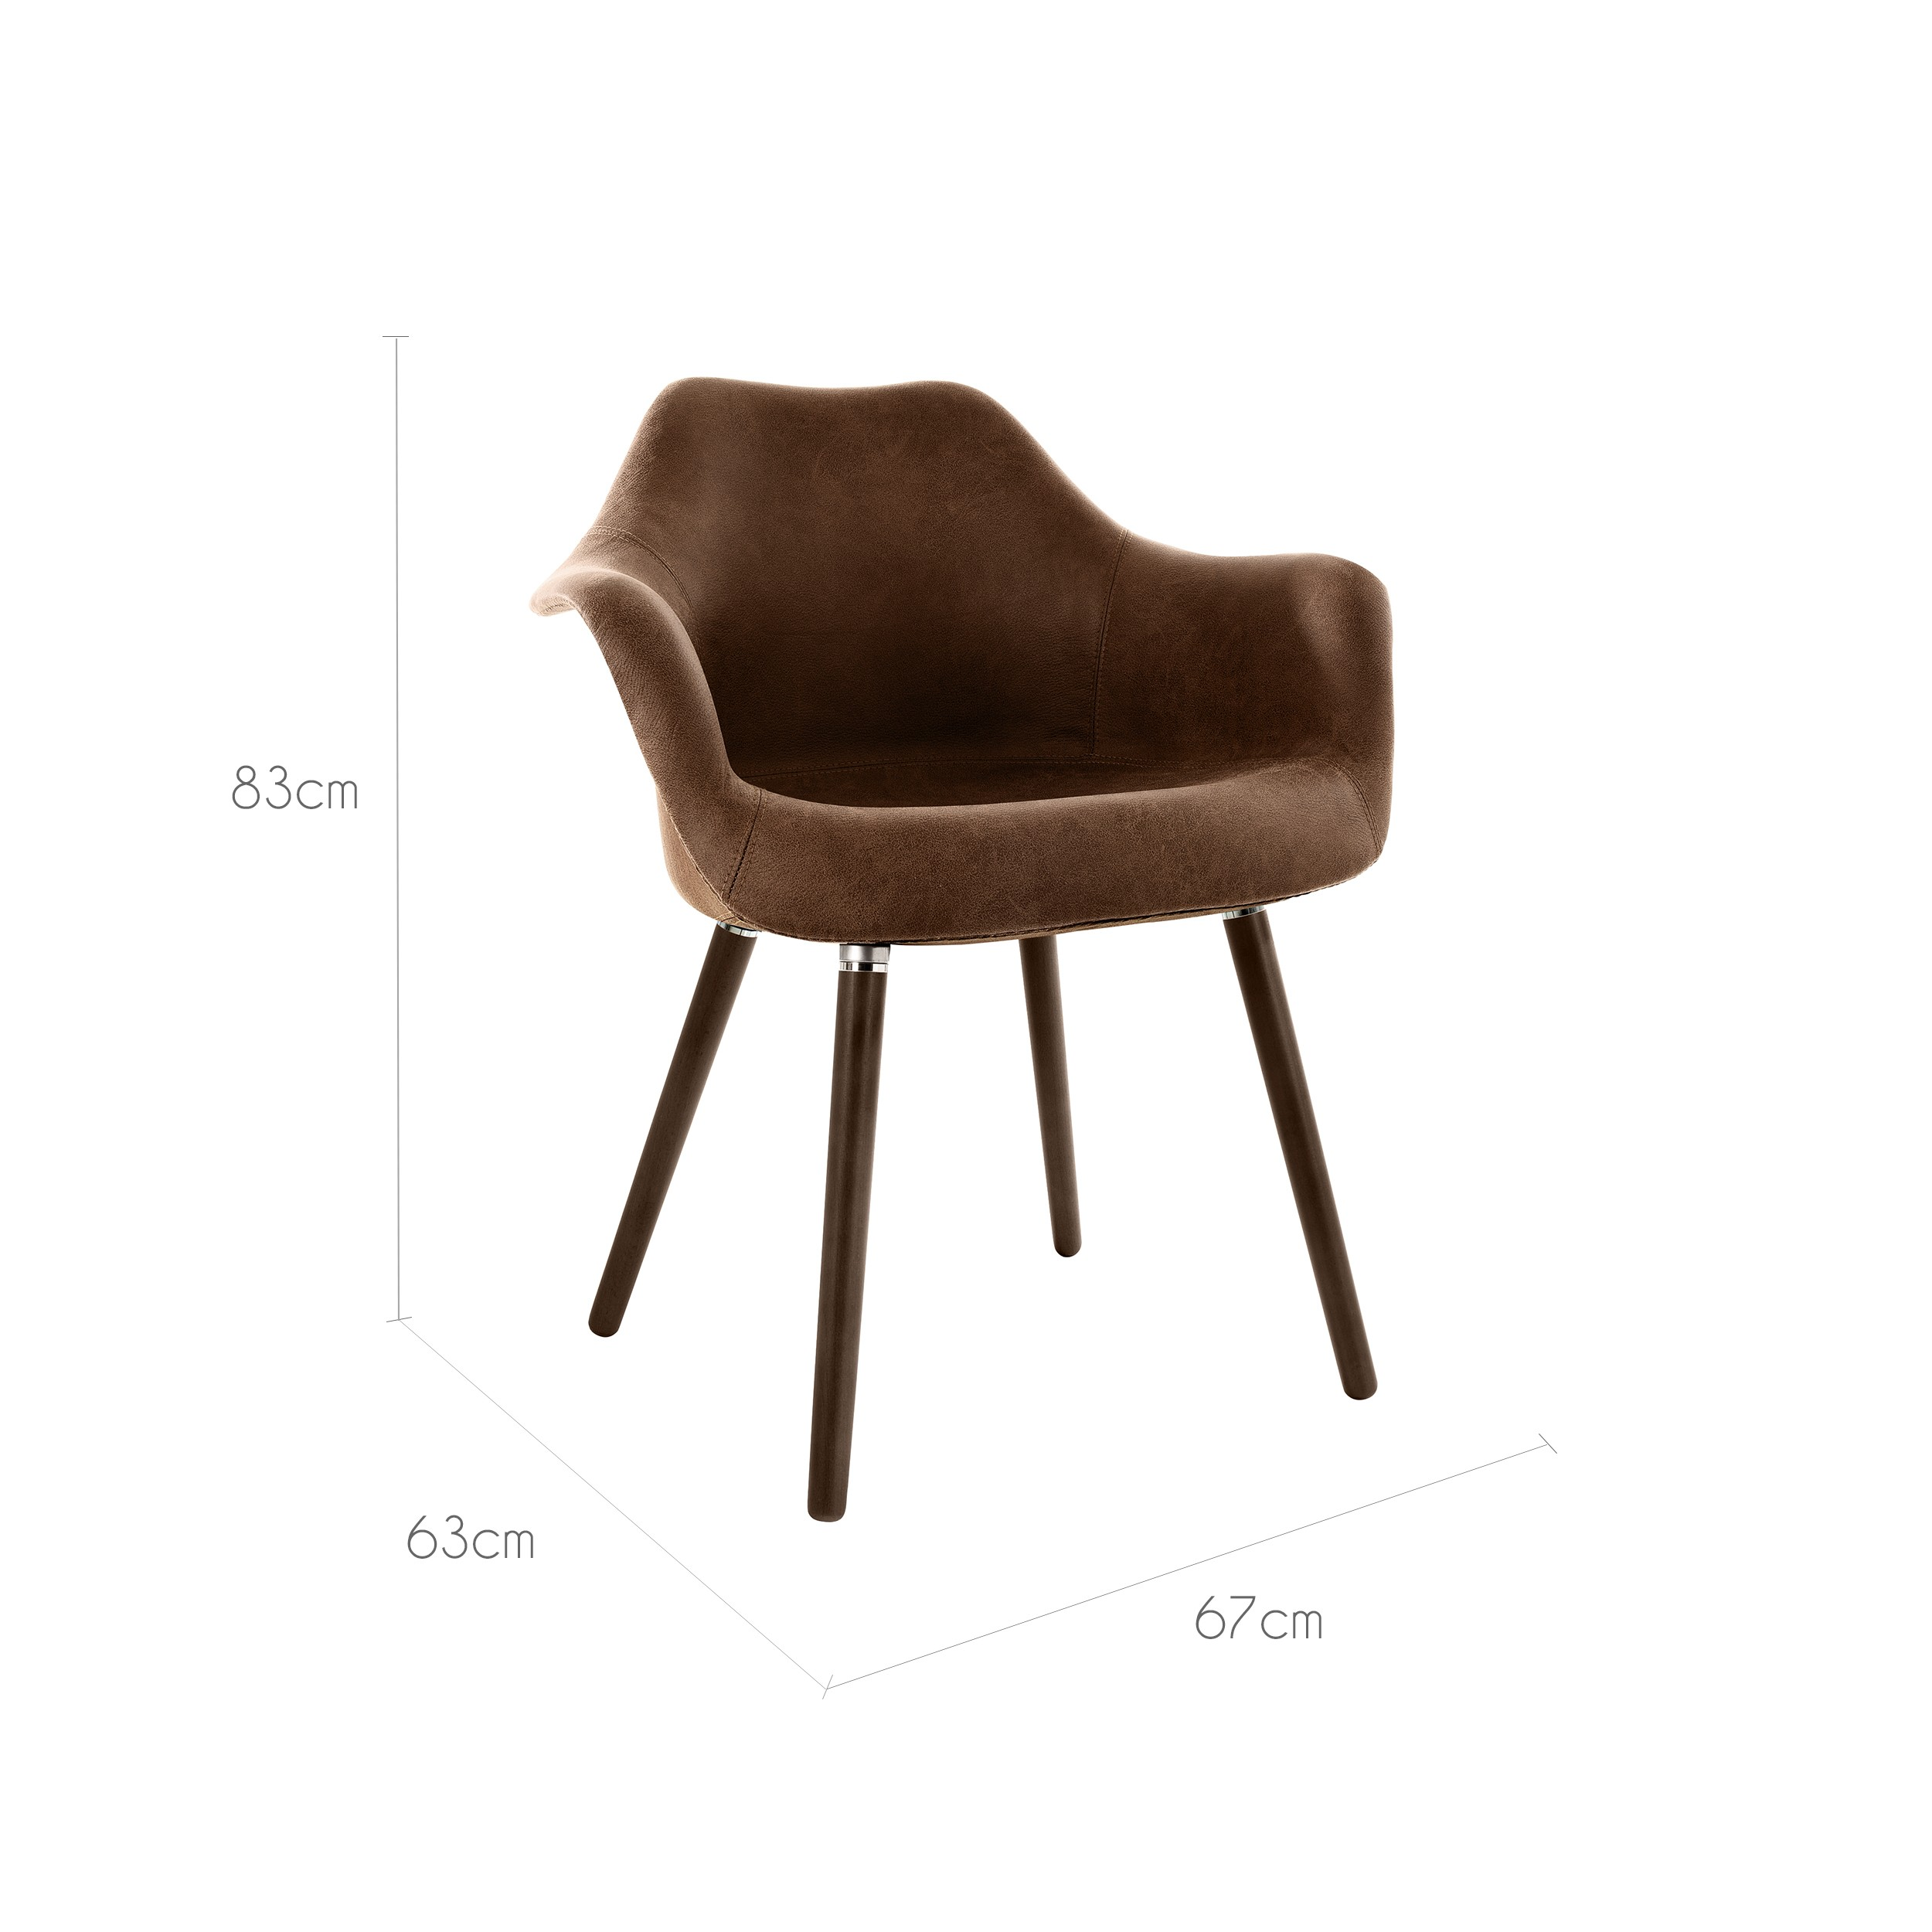 chaise anssen marron vieilli achetez les chaises anssen marron vieilli rdv d co. Black Bedroom Furniture Sets. Home Design Ideas